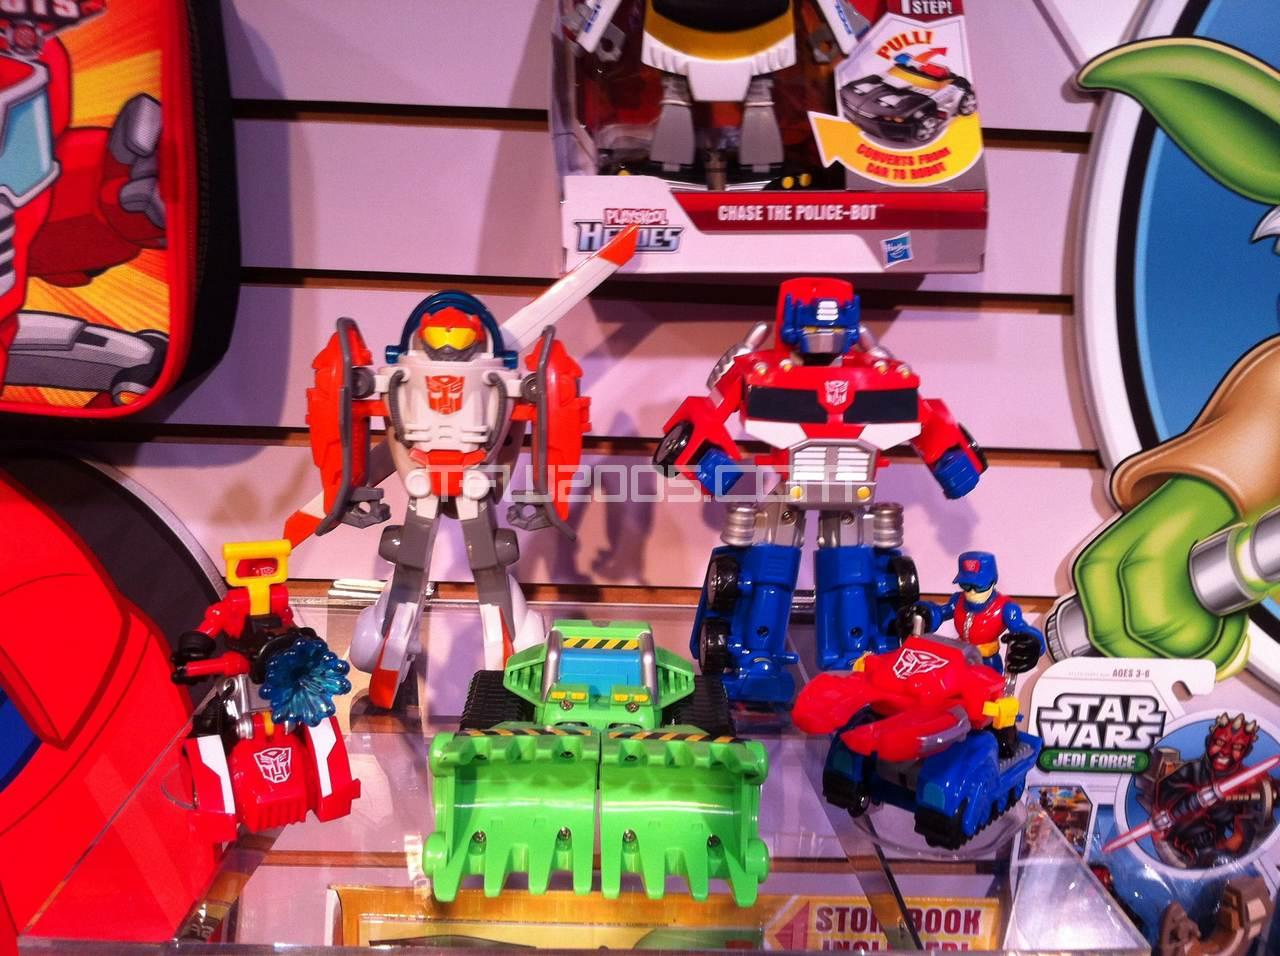 Rescue-Bots-Bot-Shots-002 Toy Fair 2012 Rescue Bots & Bot Shots Images